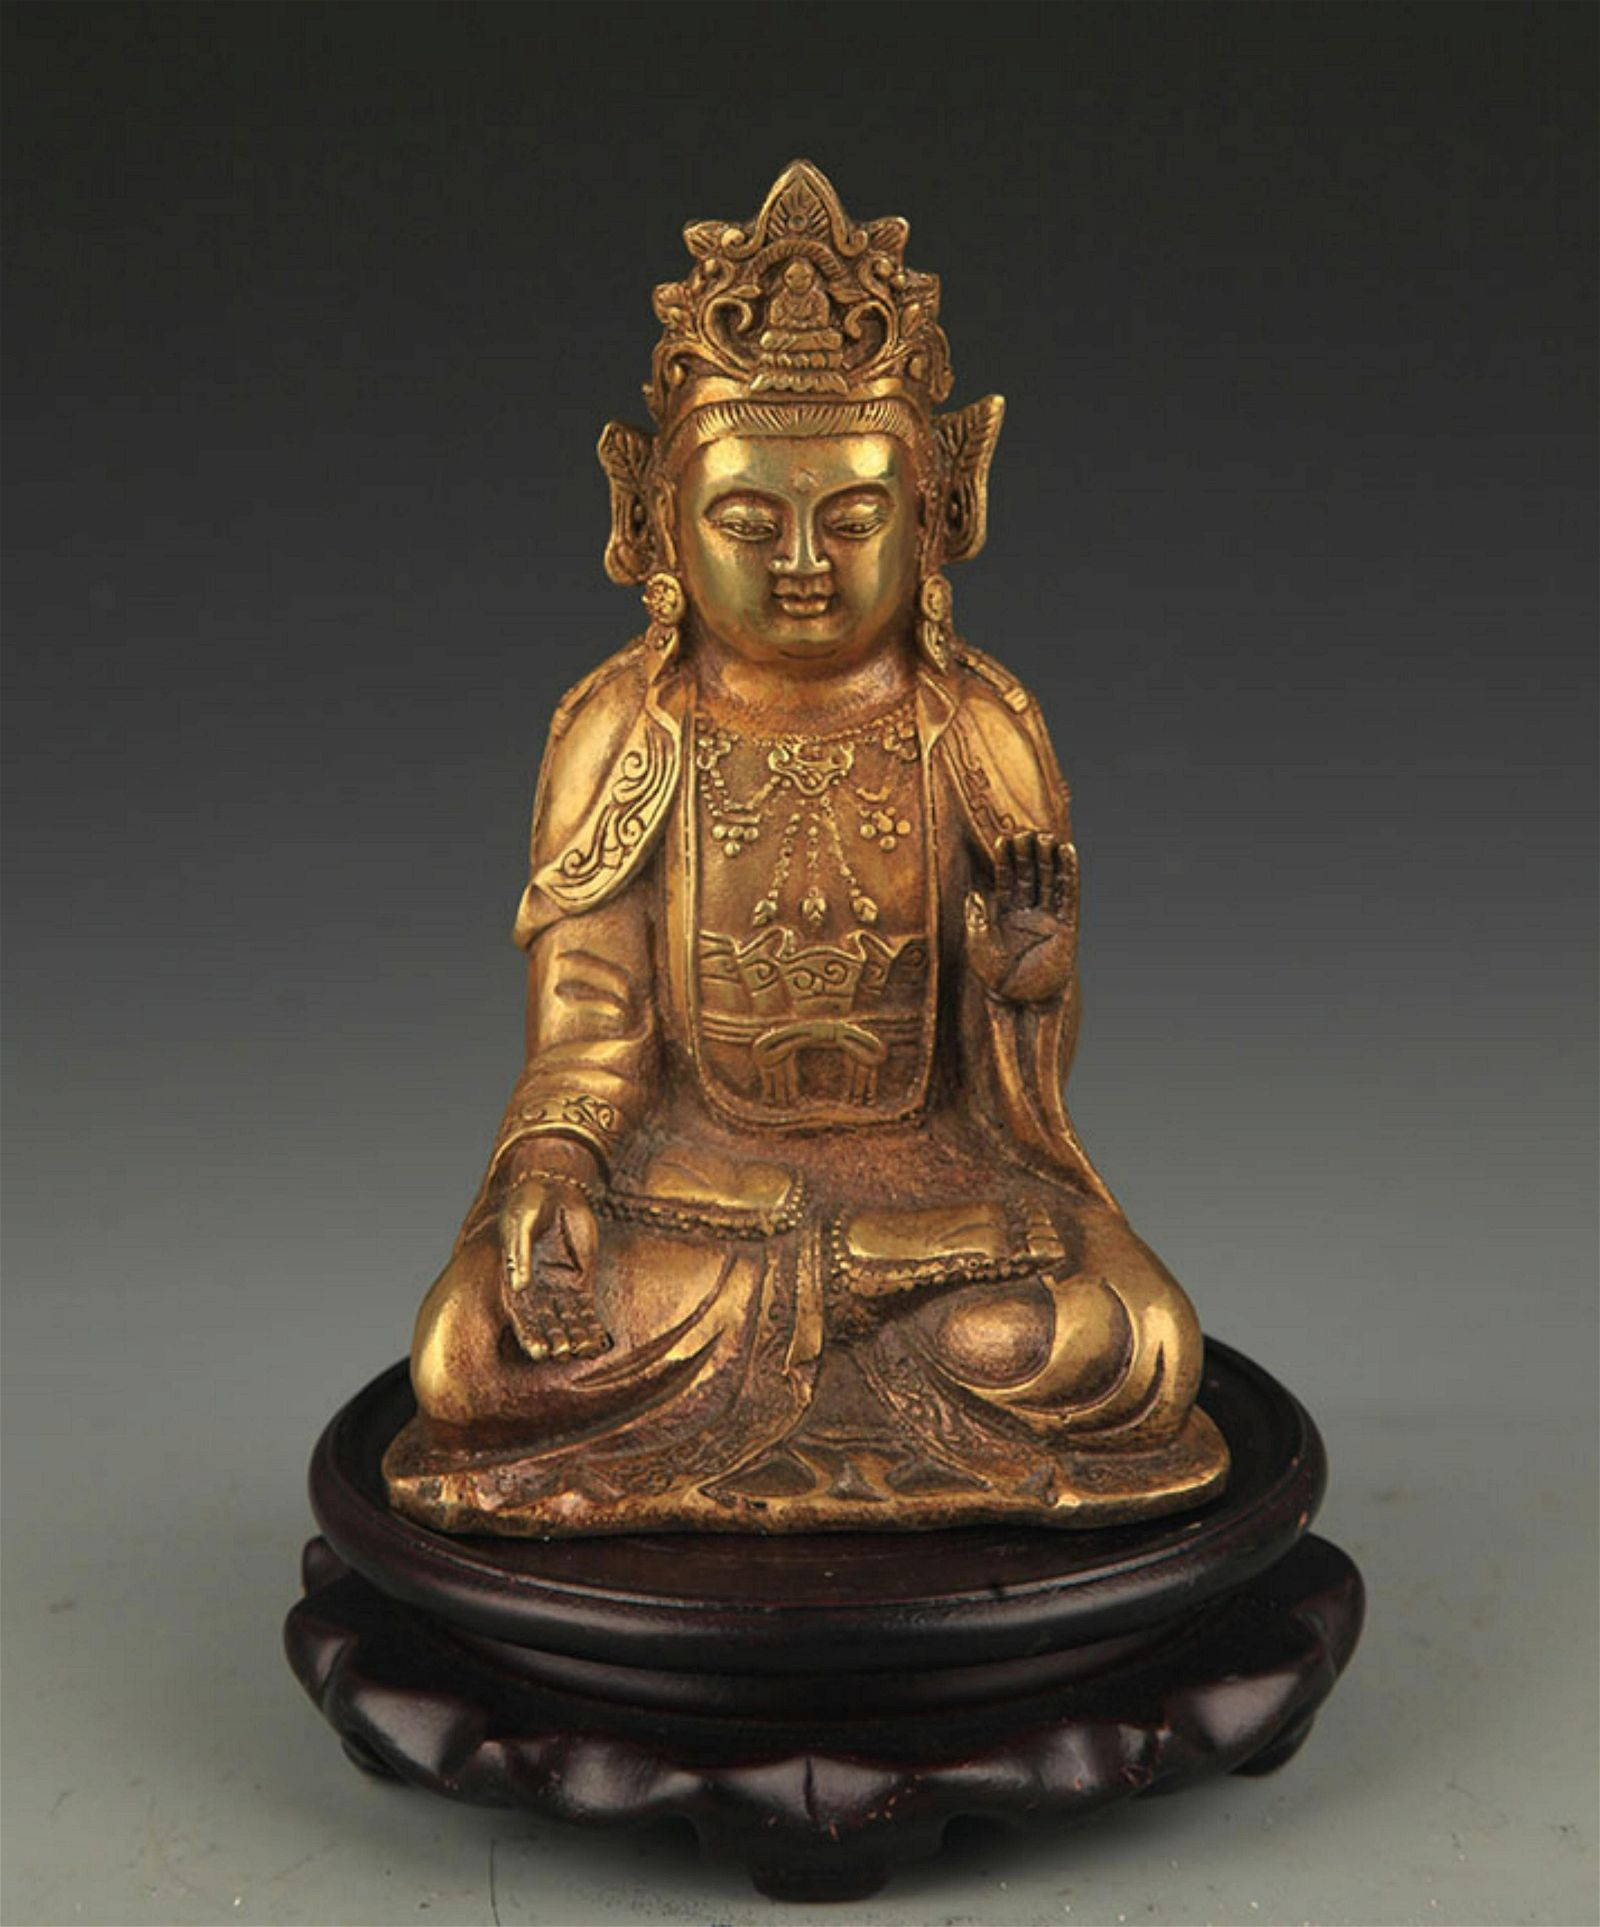 A FINE BRONZE ARYA-AVALOKITESVARA BUDDHA STATUE